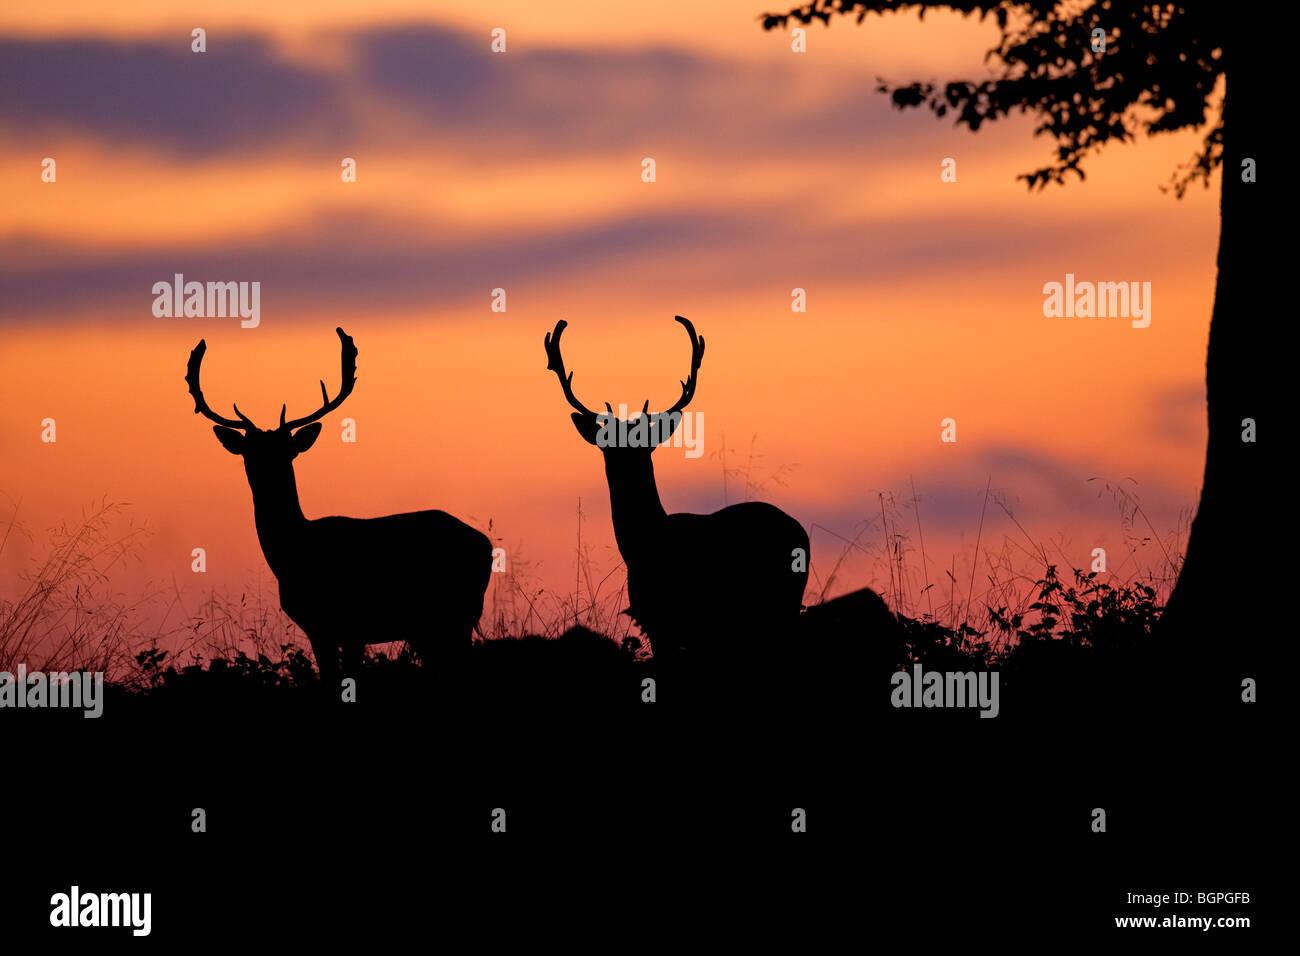 El gamo (Dama dama) siluetas de ciervo al atardecer en la temporada de celo en otoño Imagen De Stock